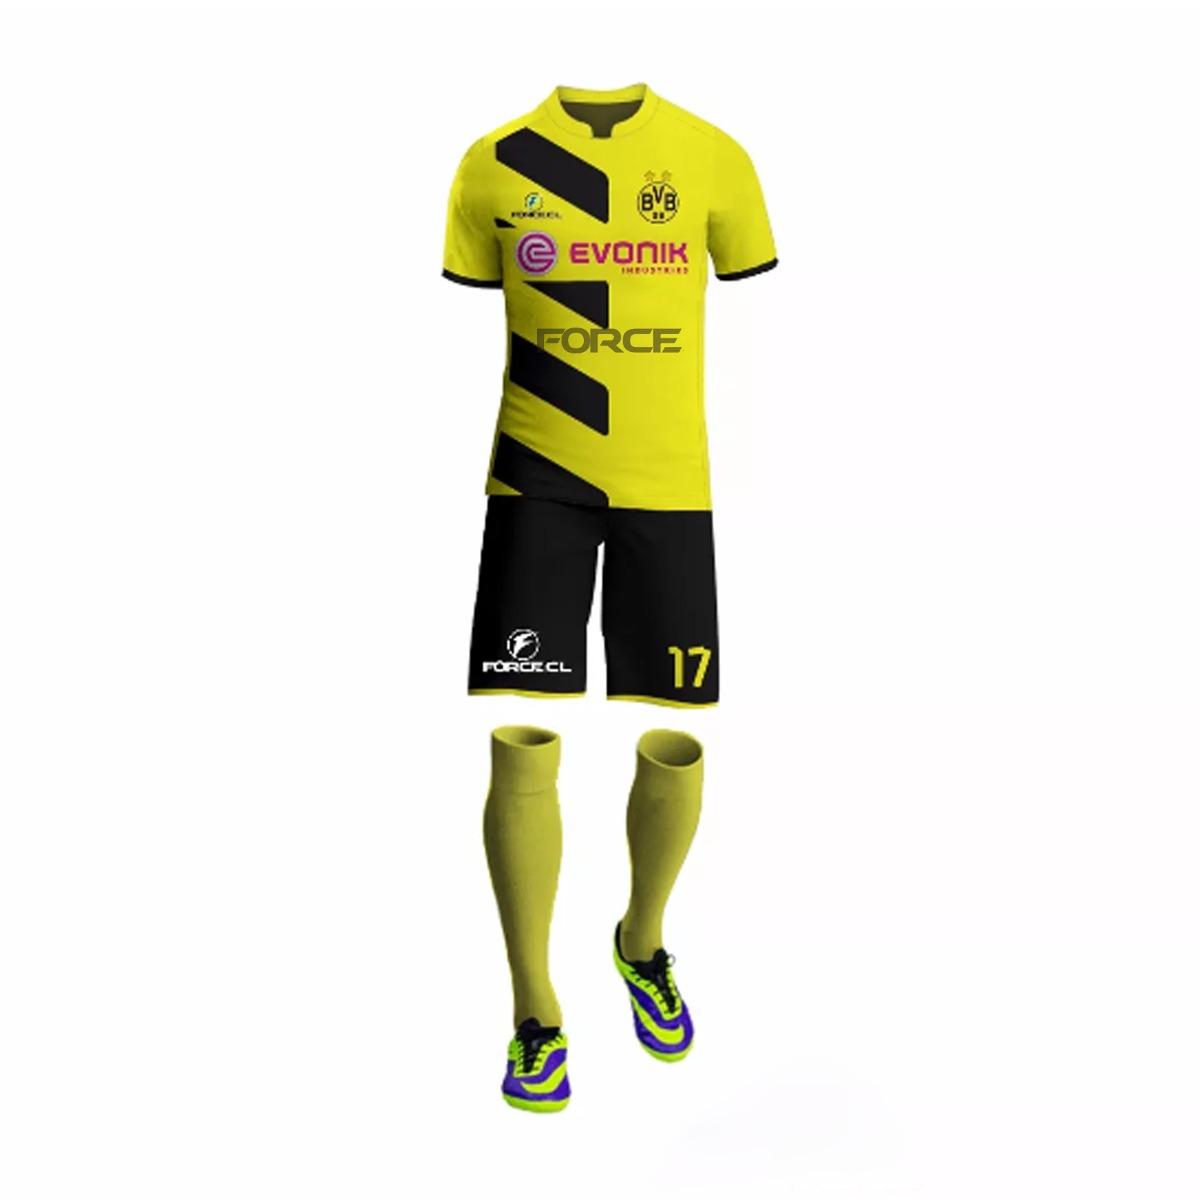 Camisetas Futbol Diseños Personalizados -   11.000 en Mercado Libre 19cebf5a506c5